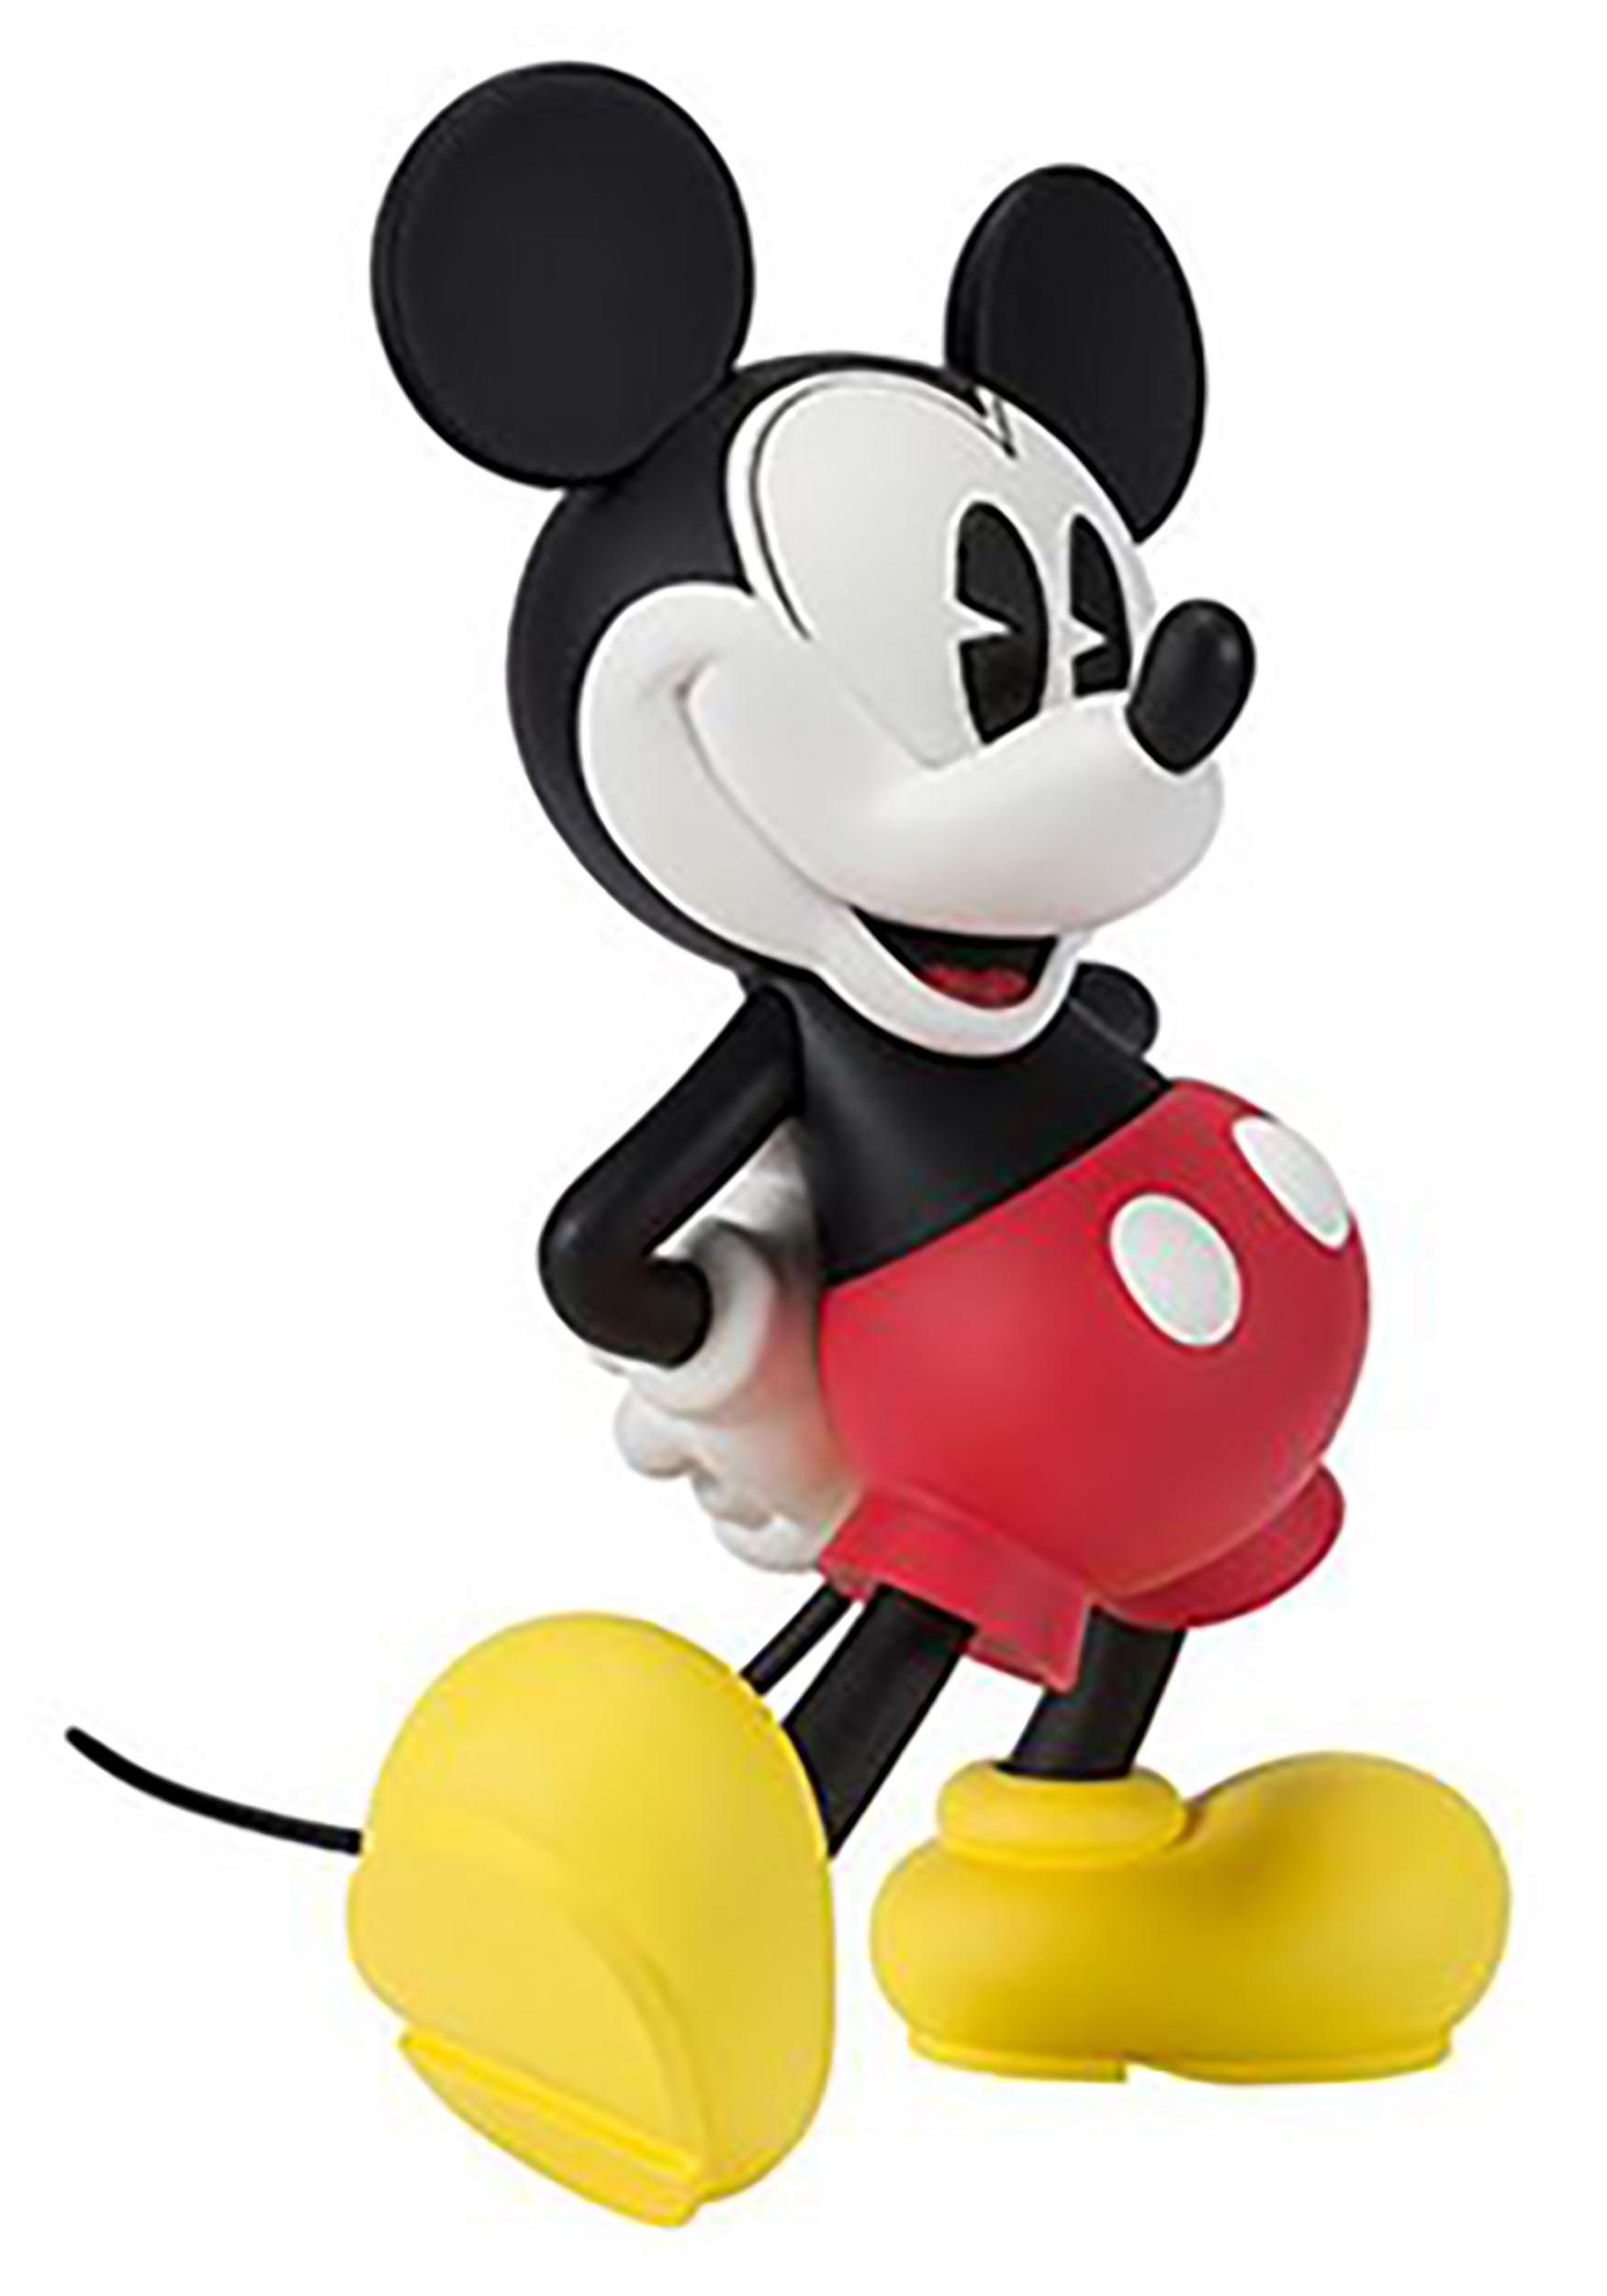 Classic Mickey Mouse 1930s Mickey Figuarts ZERO Statue